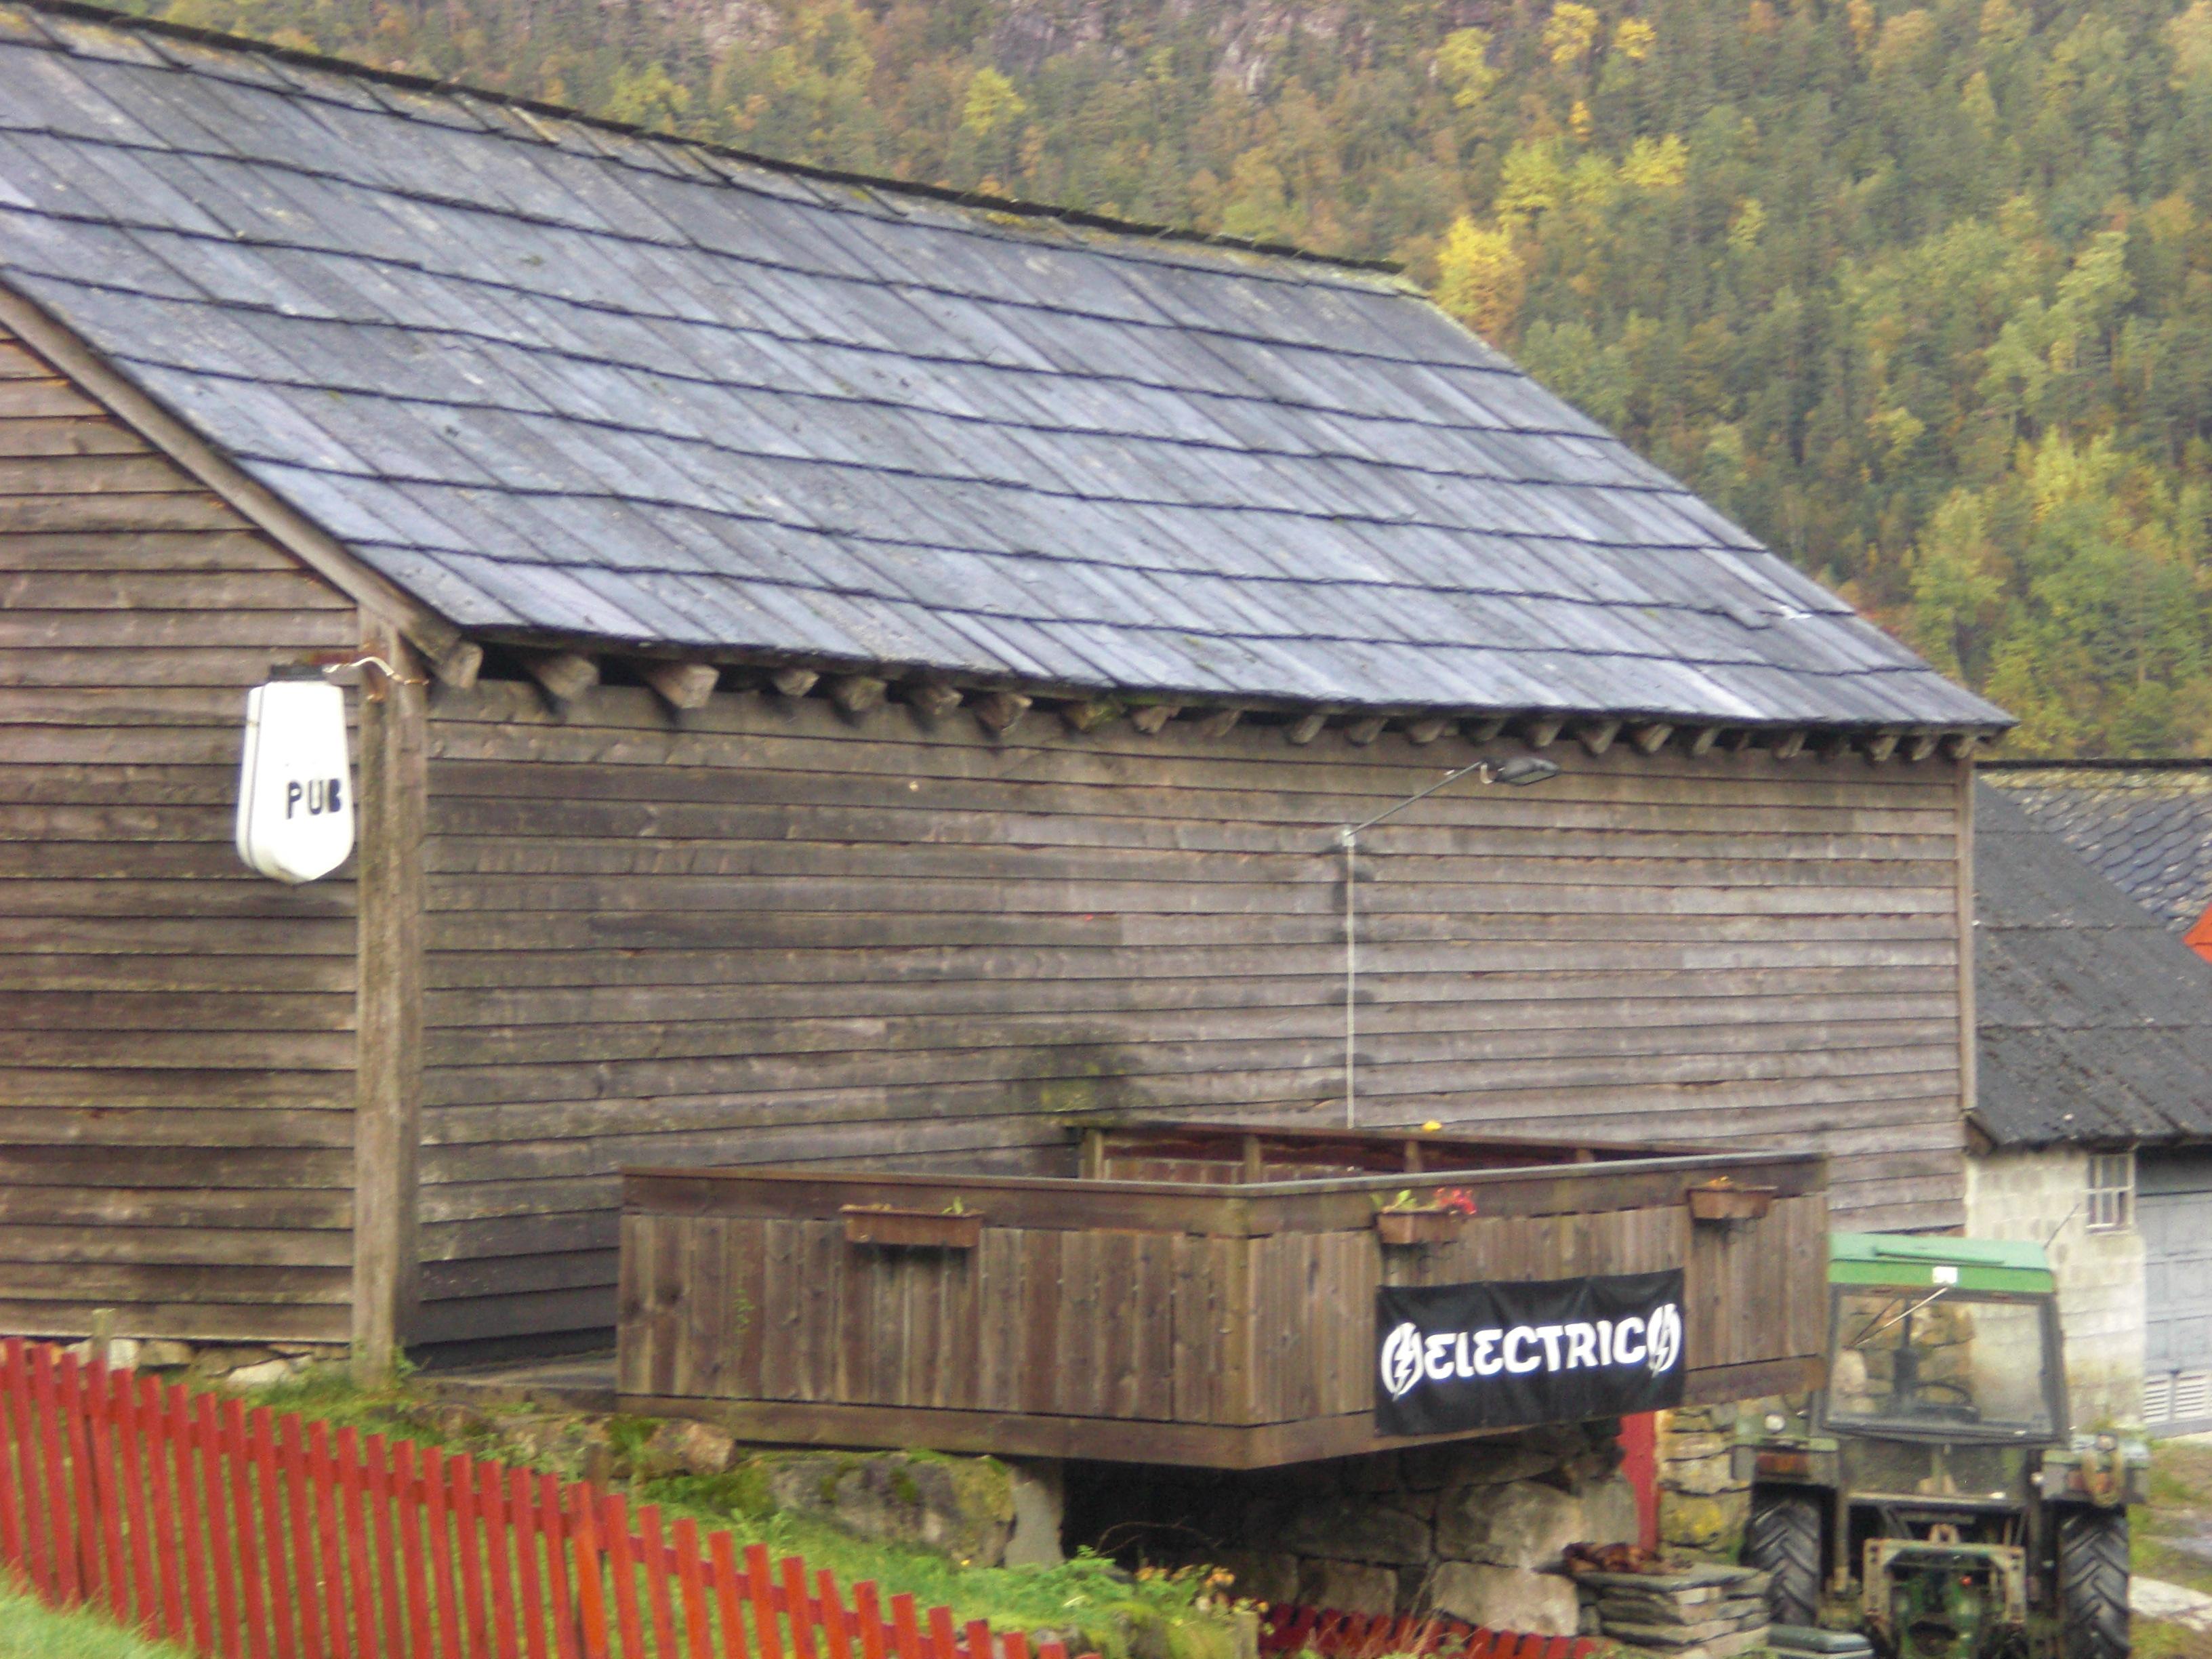 ...the local pub...;-)